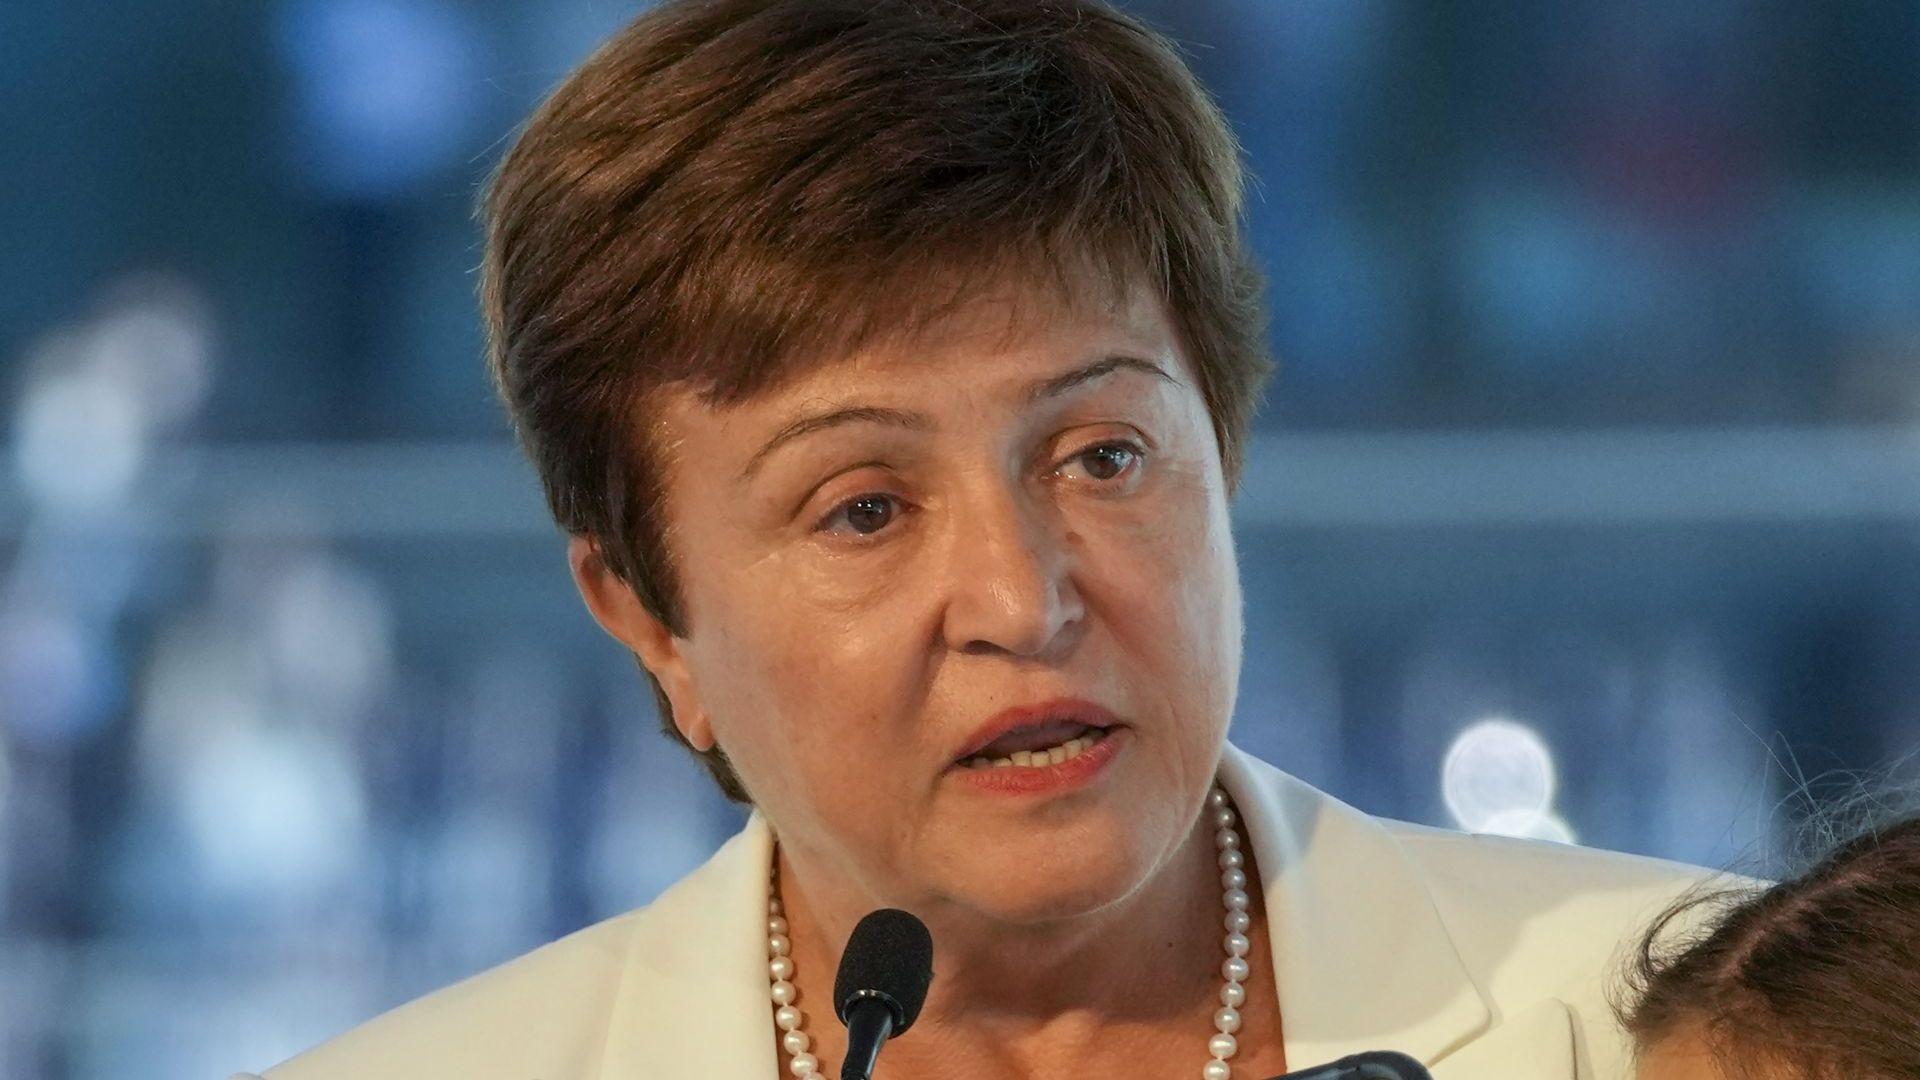 Кристалина Георгиева заяви, че е била подведена от адвокатската фирма